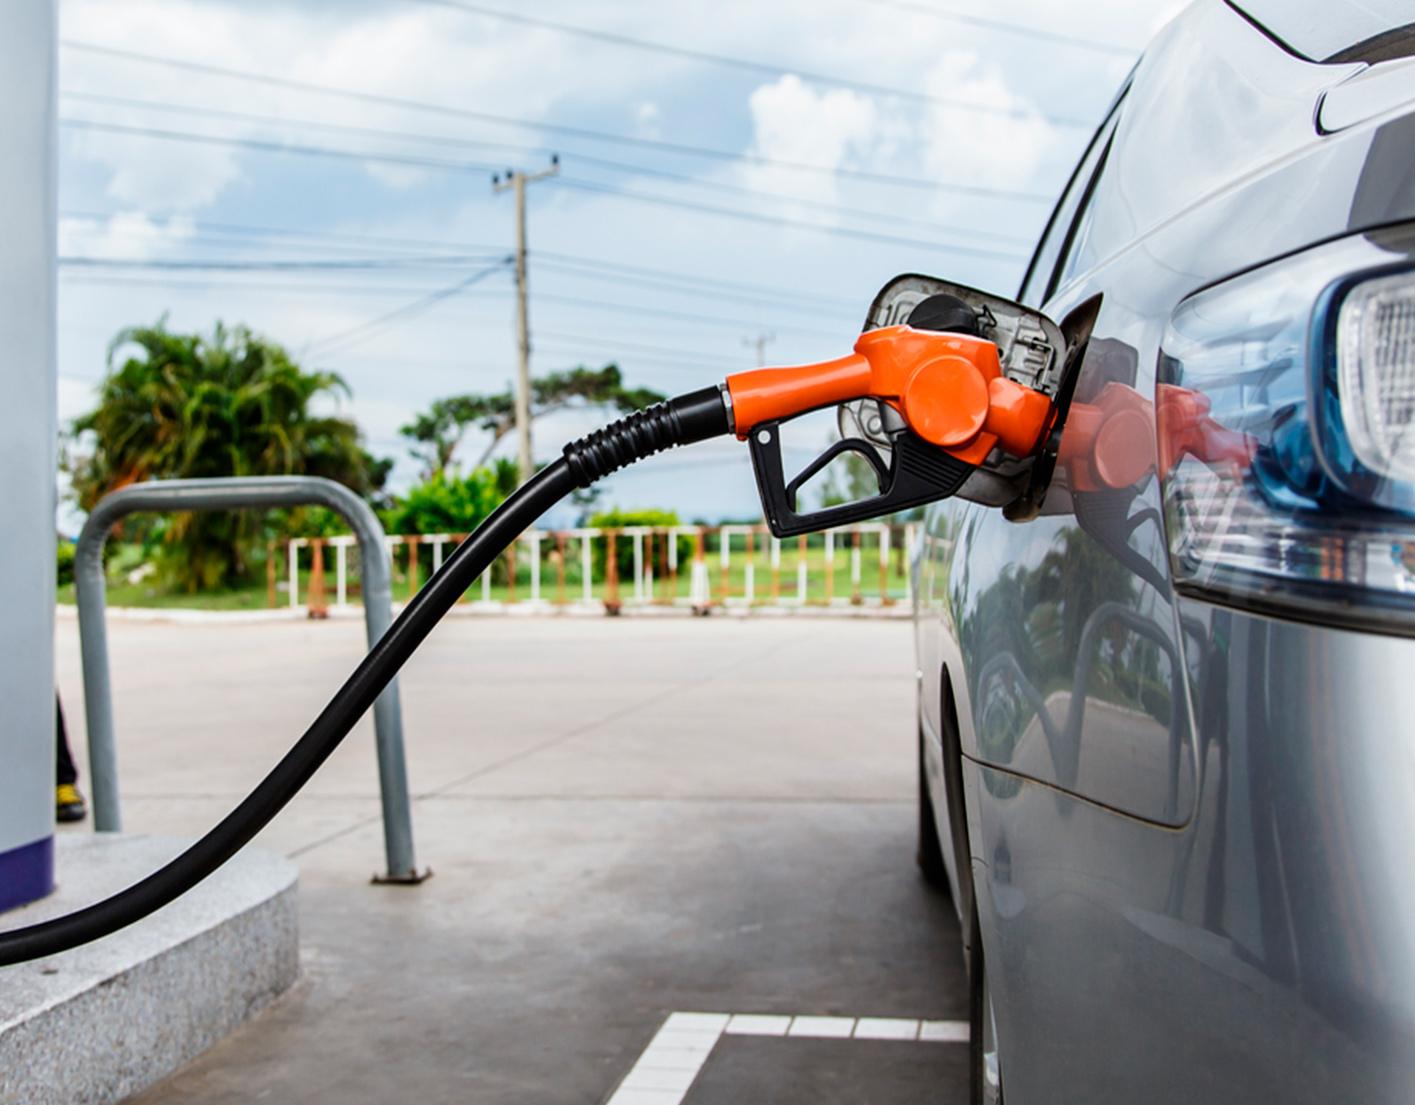 """Las estaciones de servicio de combustibles """"desatendidas"""" (sin personal presente en la estación) son compatibles con los derechos de los consumidores."""